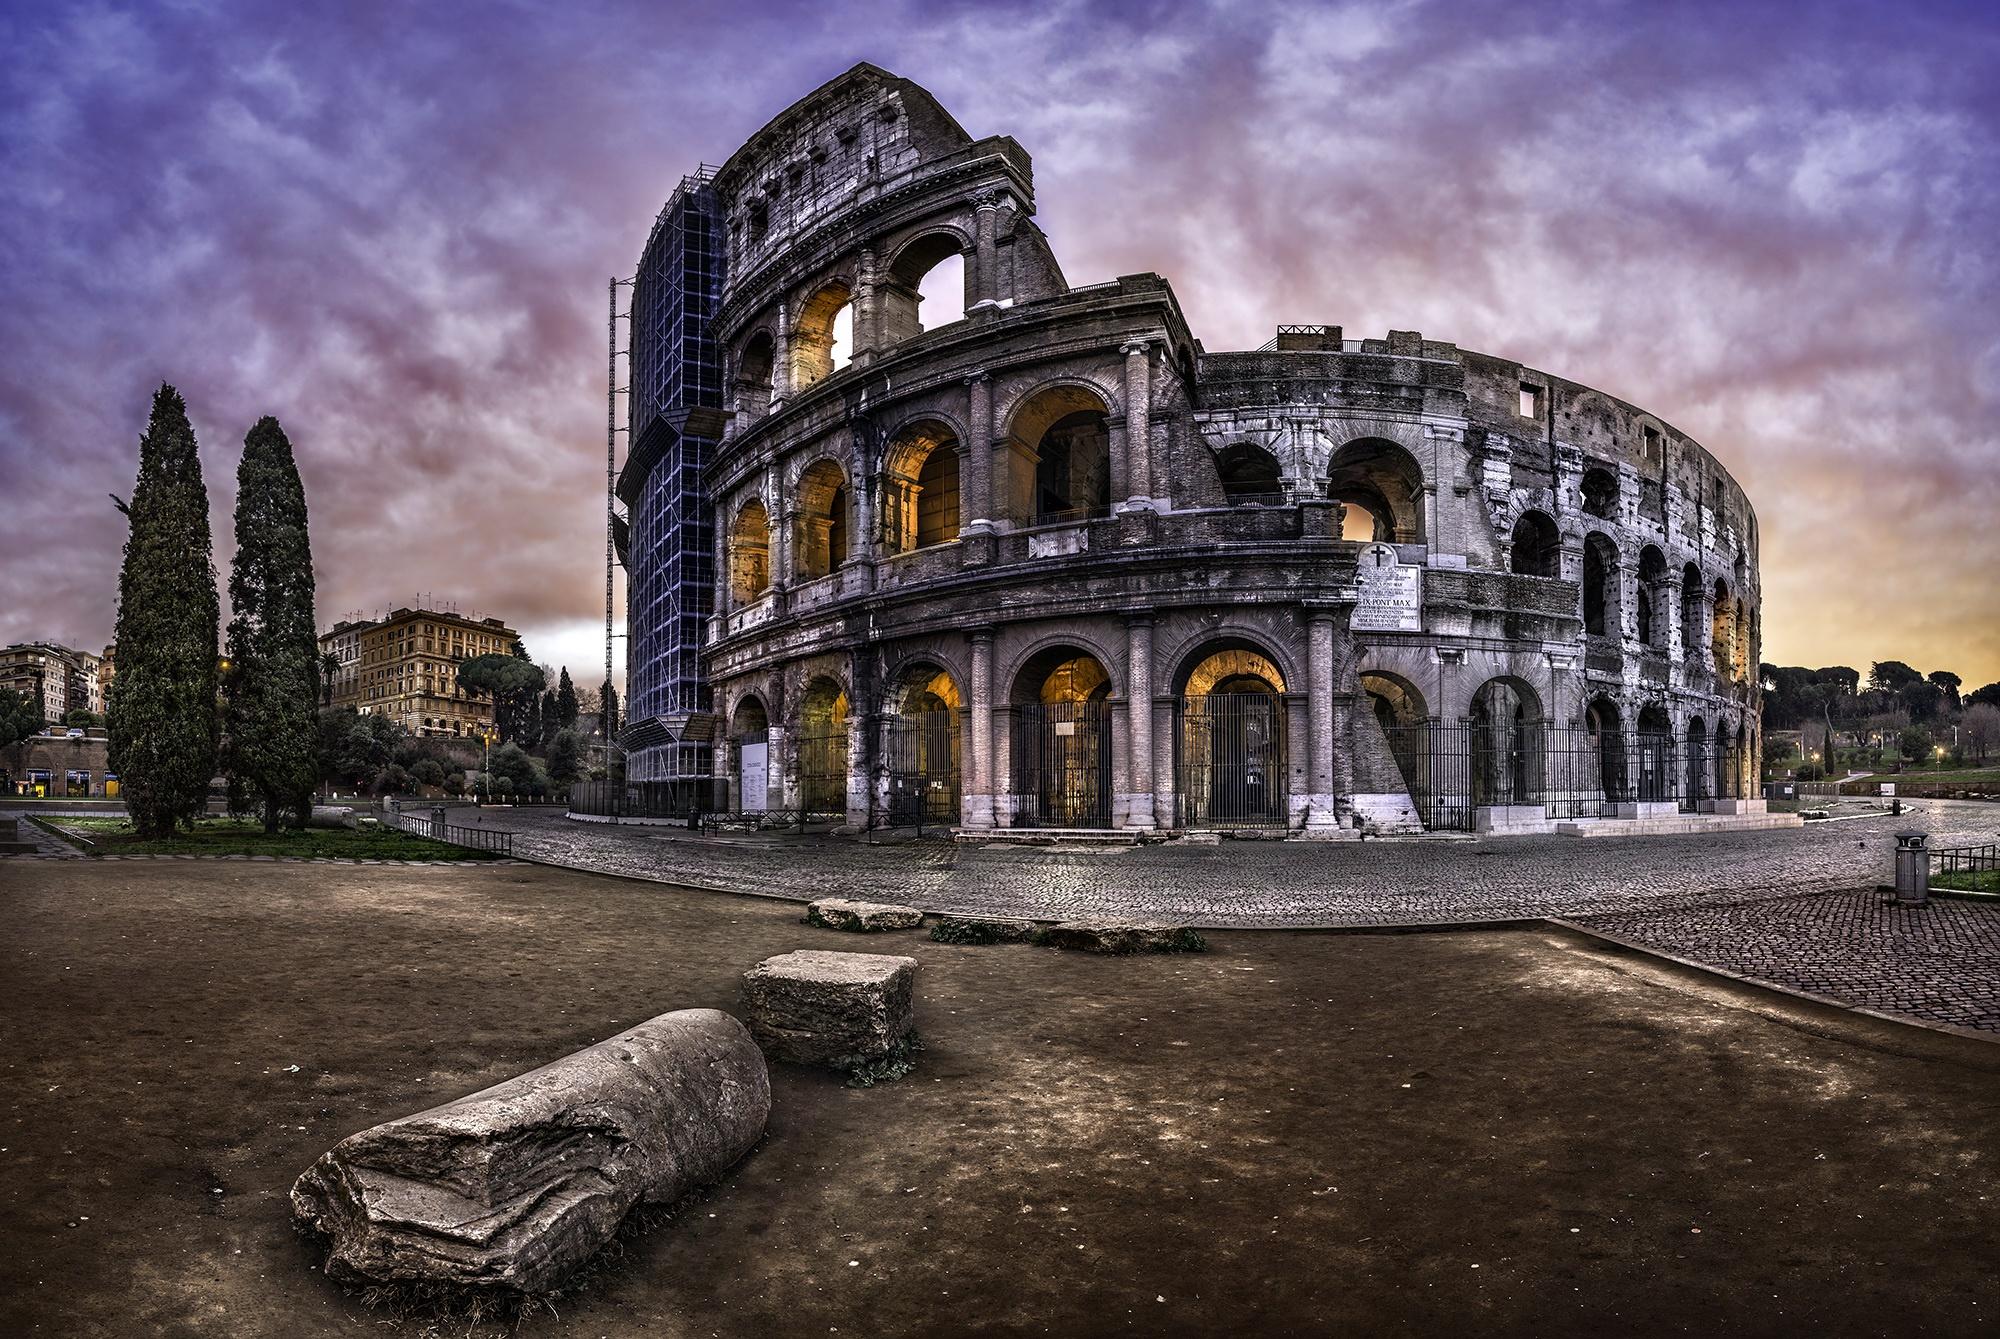 デスクトップ壁紙 ローマ シティ 古代 歴史 コロッセオ 建築